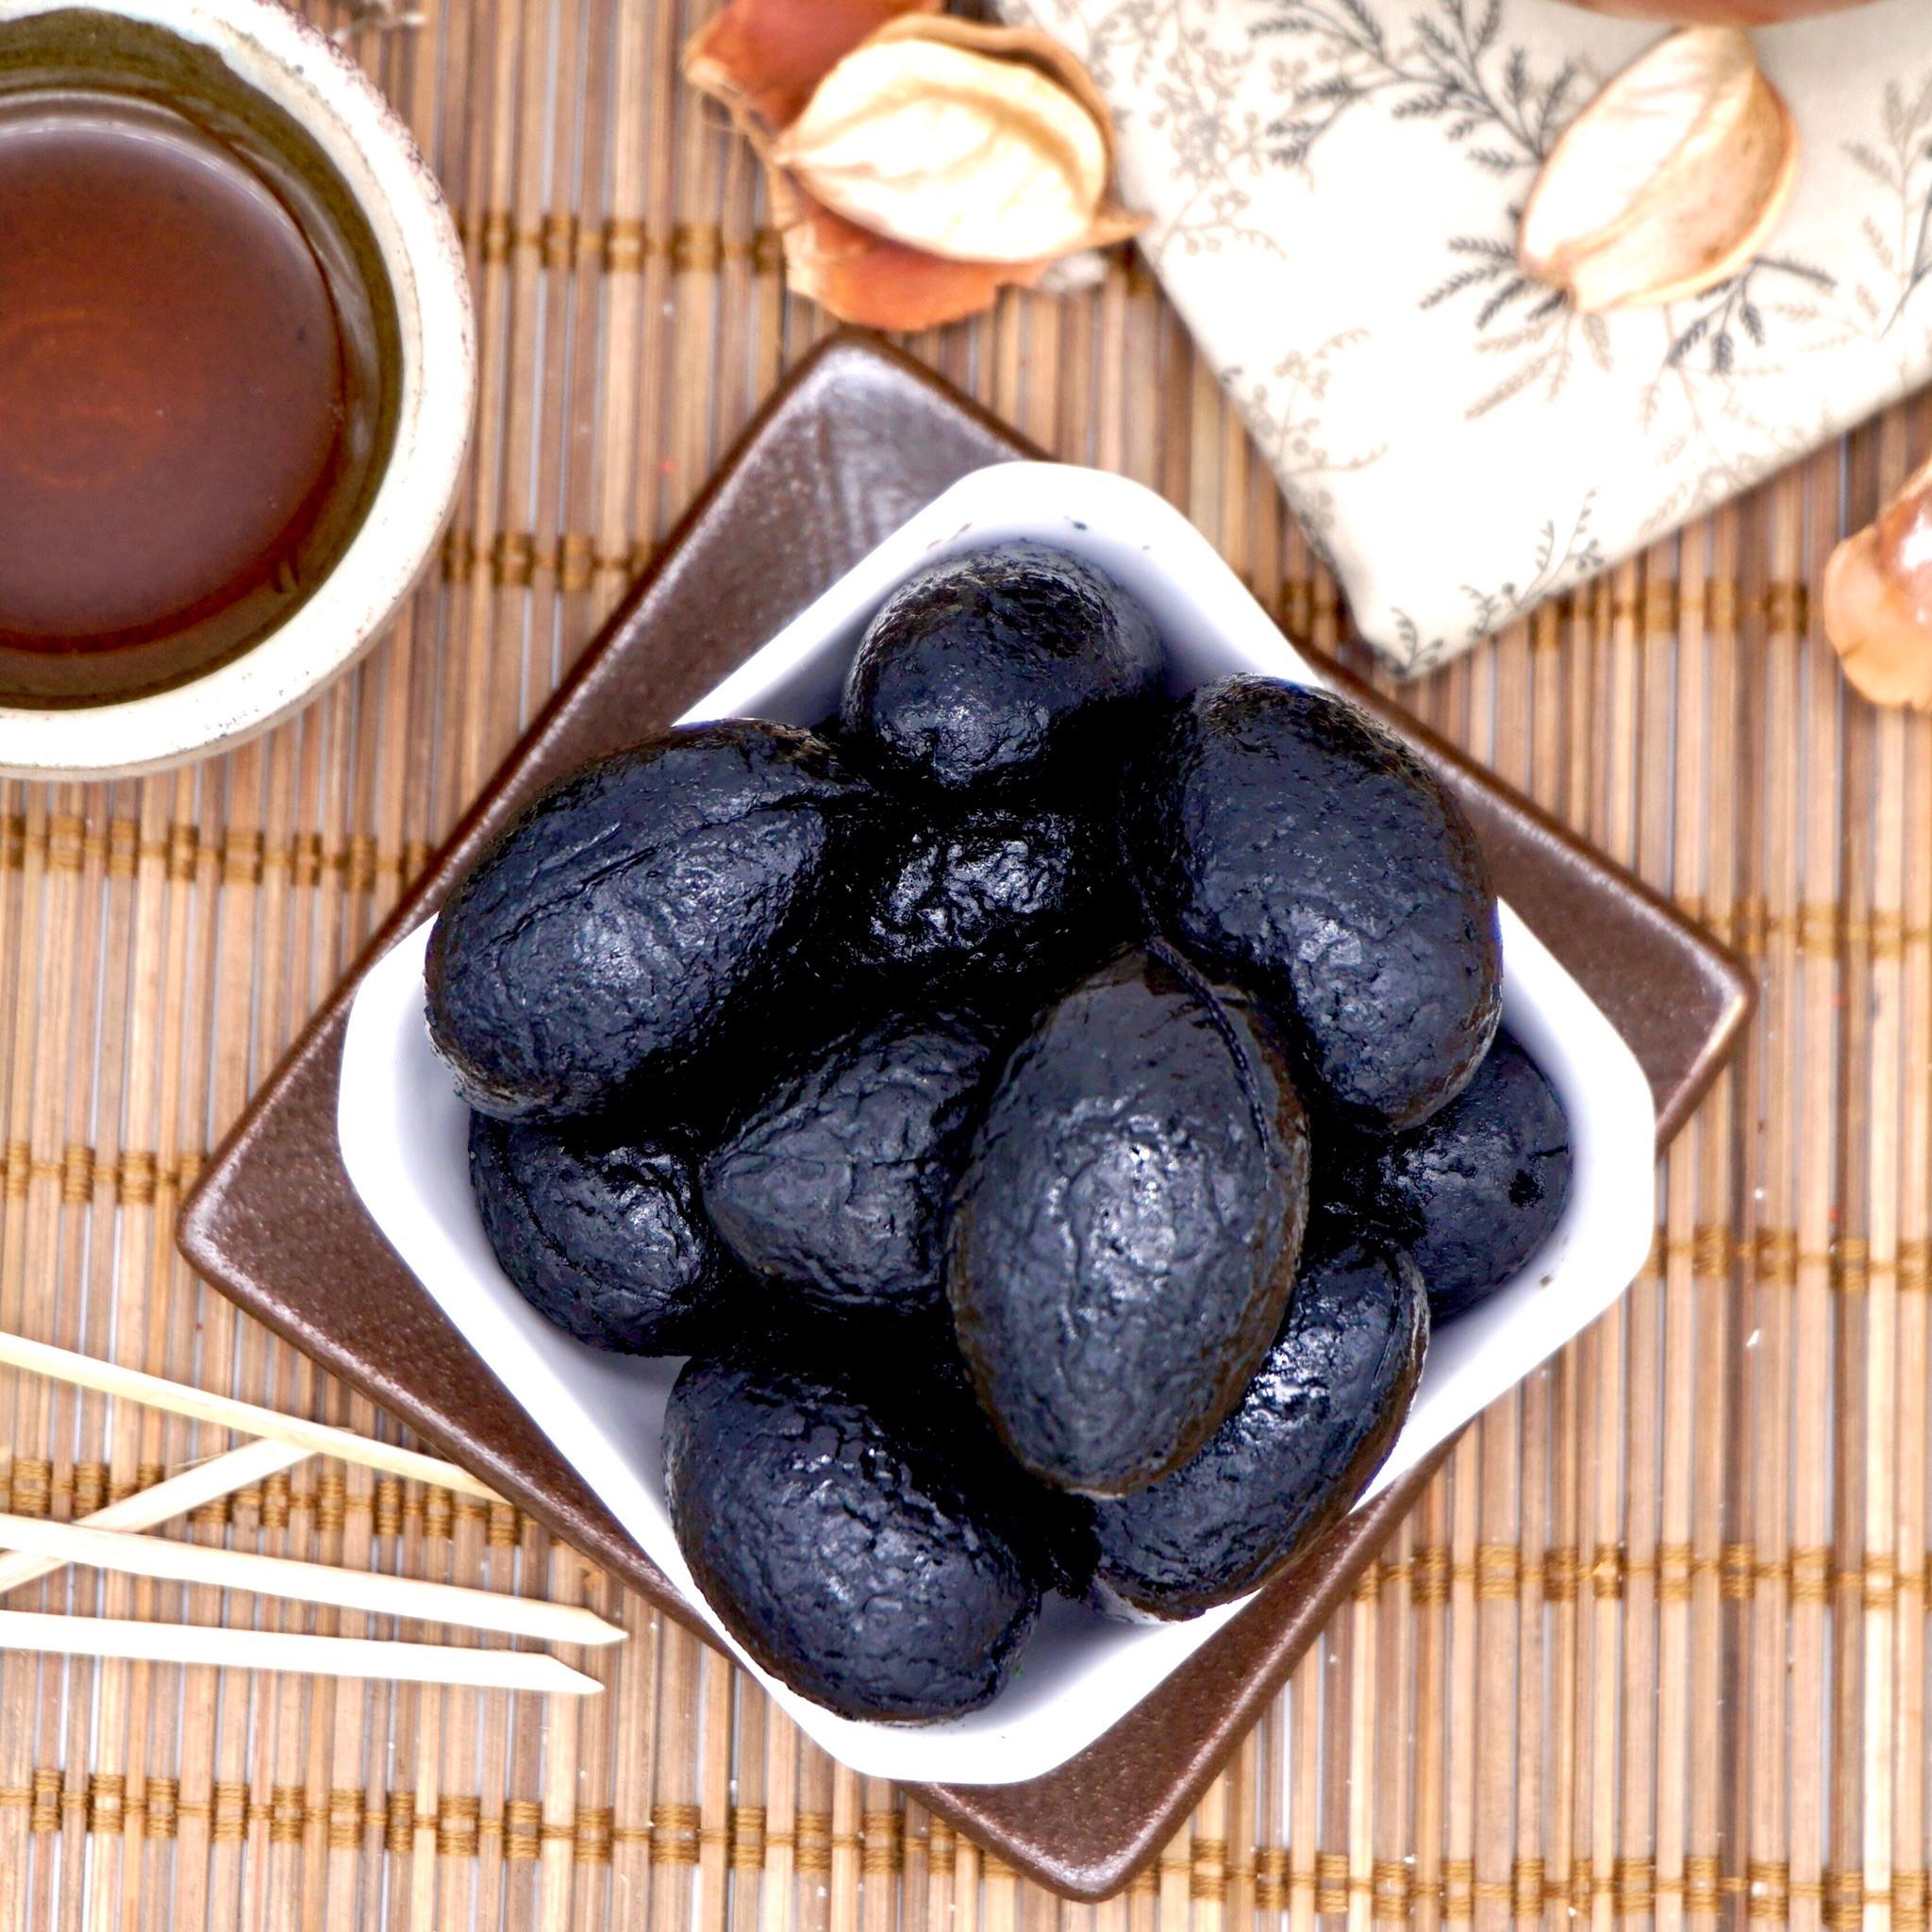 嘴甜甜 化核黑橄欖 200公克 蜜餞系列 中藥橄欖 化核橄欖 橄欖 蜜餞 天堂果 果乾 古早味 酸甘甜 台灣蜜餞 零食 鹹酸甜 水果 素食 現貨